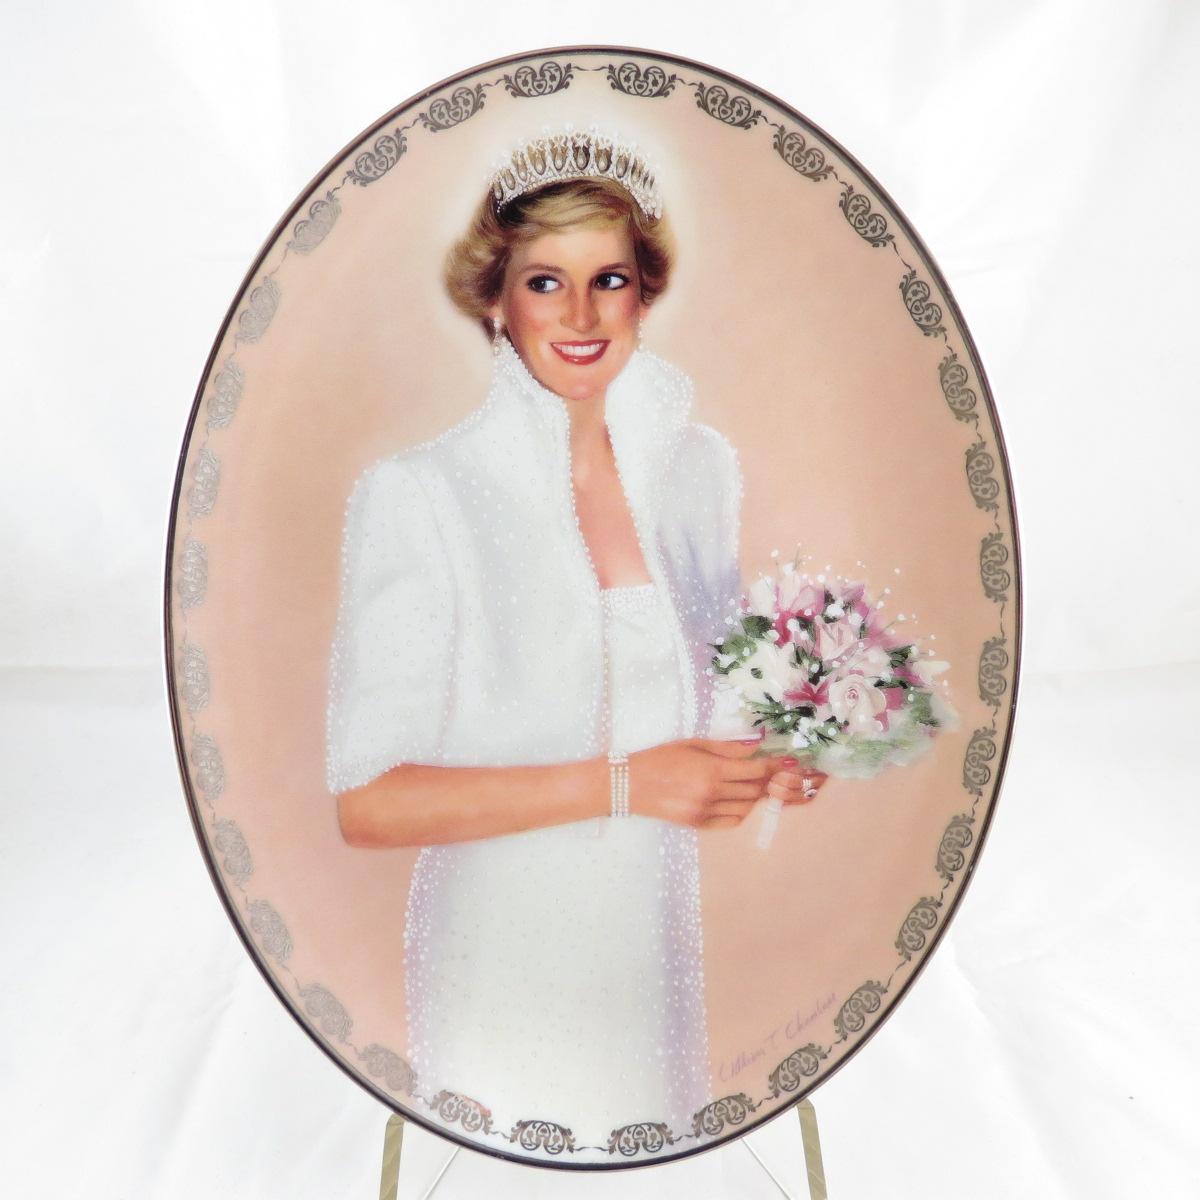 Декоративная коллекционная тарелка Royal Cornwall Диана: Королева Наших Сердец. Наша Королевская Принцесса декоративная тарелка диана истинная принцесса фарфор деколь сша bradford exchange 1997